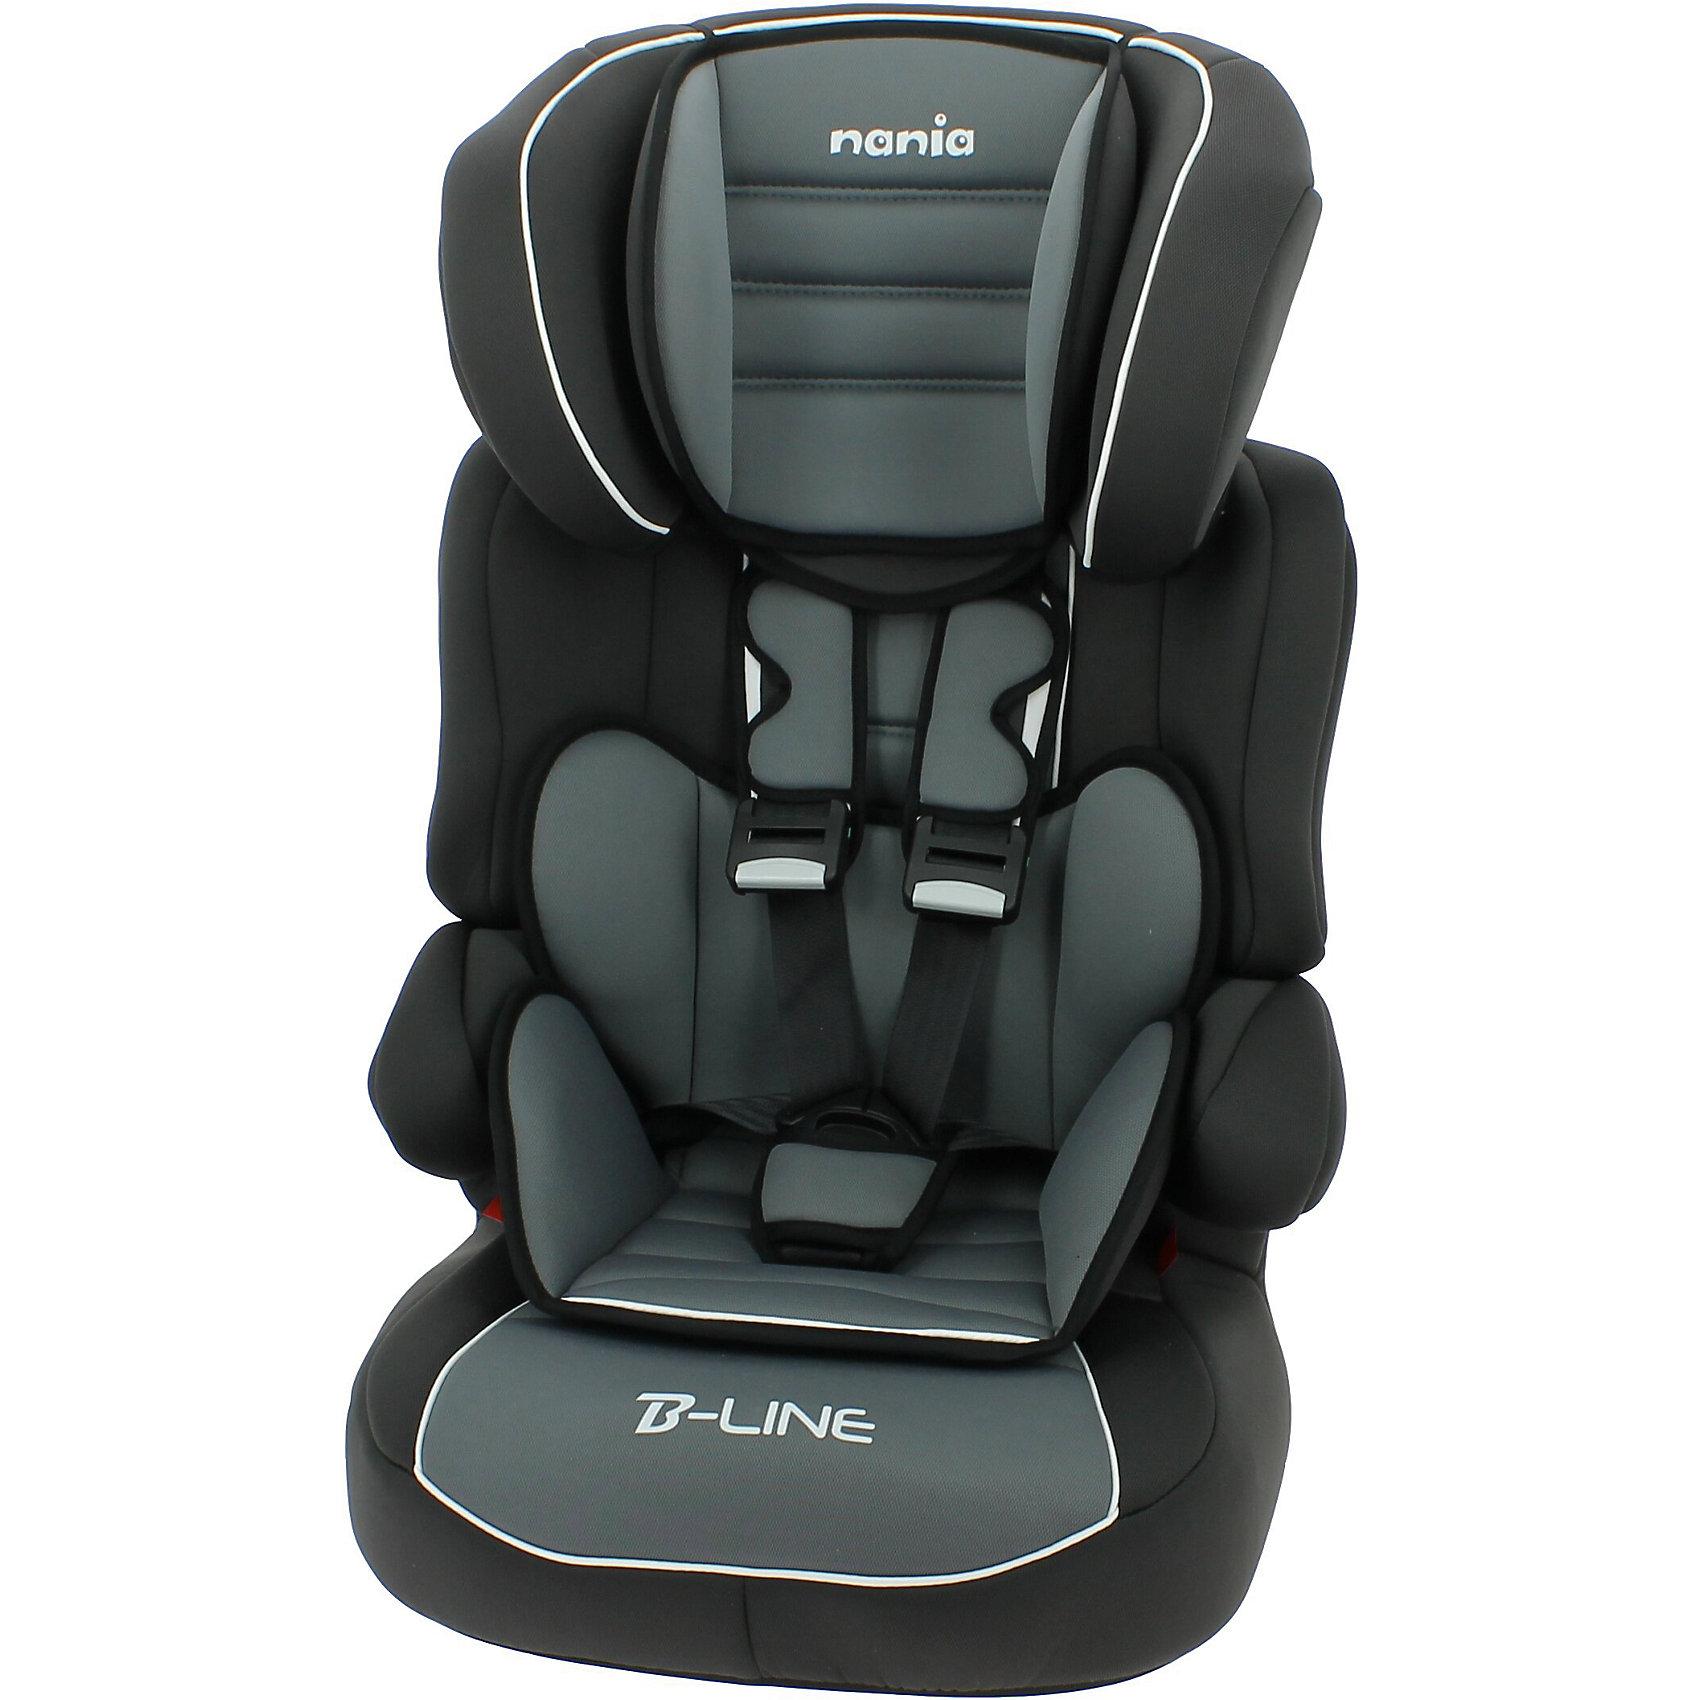 Автокресло Nania Beline SP LUX, 9-36 кг, agora stormГруппа 1-2-3 (От 9 до 36 кг)<br>Характеристики автокресла Nania Beline SP LUX:<br><br>• группа 1-2-3;<br>• вес ребенка: 9-36 кг;<br>• возраст ребенка: от 9 месяцев до 12 лет;<br>• способ установки: по ходу движения автомобиля;<br>• способ крепления: штатными ремнями безопасности автомобиля;<br>• регулируемая высота подголовника: 6 положений;<br>• встроенные 5-ти точечные ремни безопасности с мягкими накладками, подросшего ребенка можно пристегивать штатными ремнями безопасности;<br>• дополнительная защита от боковых ударов;<br>• подлокотники, широкие боковинки, анатомический вкладыш для маленького ребенка (до 3 лет), сетчатый карман для мелочей;<br>• возможность использовать автокресло как бустер – спинка снимается;<br>• съемные чехлы, стирка при температуре 30 градусов;<br>• материал: пластик, полиэстер;<br>• стандарт безопасности: ECE R44/04.<br><br>Размер автокресла: 44x45x72/85 см<br>Размер сиденья: 34х30 см<br>Вес автокресла: 4,7 кг<br><br>Путешествие с ребенком в автомобиле становится гораздо безопаснее с использованием автокресла Beline SP SP LUX, которое рассчитано для деток в возрасте до 12 лет, с учетом возрастных изменений на каждом этапе его роста. Автокресло устанавливается на заднем сиденье автомобиля или на переднем сиденье автомобиля с отключенной подушкой безопасности. Когда вес ребенка находится в пределах 22 кг, спинку автокресла можно снять, чтобы получить бустер и использовать его, пока вес ребенка будет варьироваться в пределах 22-36 кг.<br><br>Автокресло Beline SP LUX, 9-36 кг., Nania, rock grey можно купить в нашем интернет-магазине.<br><br>Ширина мм: 700<br>Глубина мм: 450<br>Высота мм: 500<br>Вес г: 4900<br>Возраст от месяцев: 9<br>Возраст до месяцев: 144<br>Пол: Унисекс<br>Возраст: Детский<br>SKU: 5287287